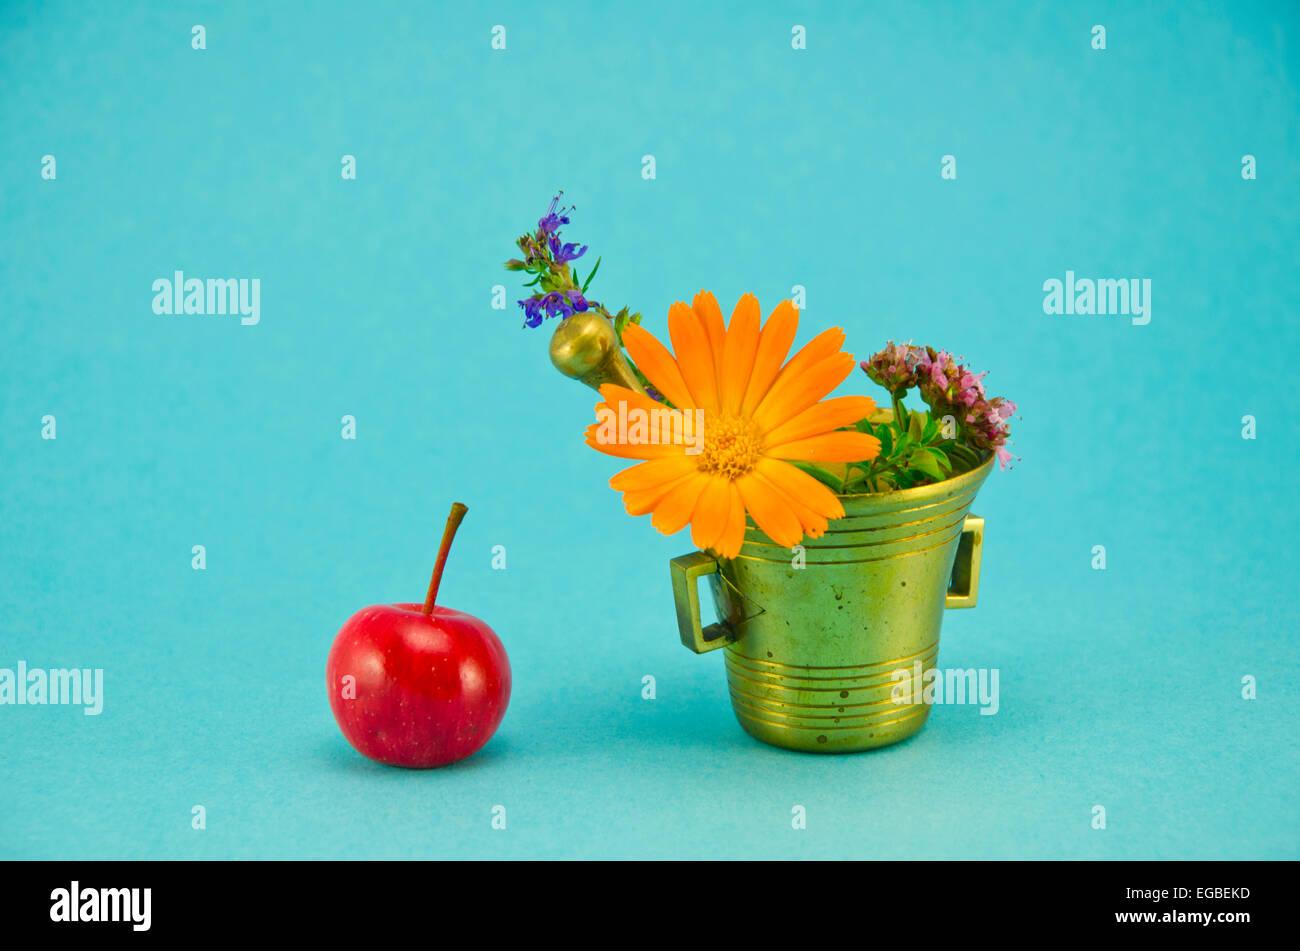 medizinische Blumen, rote Apfel und Vintage Messing Mörser auf blauem Hintergrund Stockbild